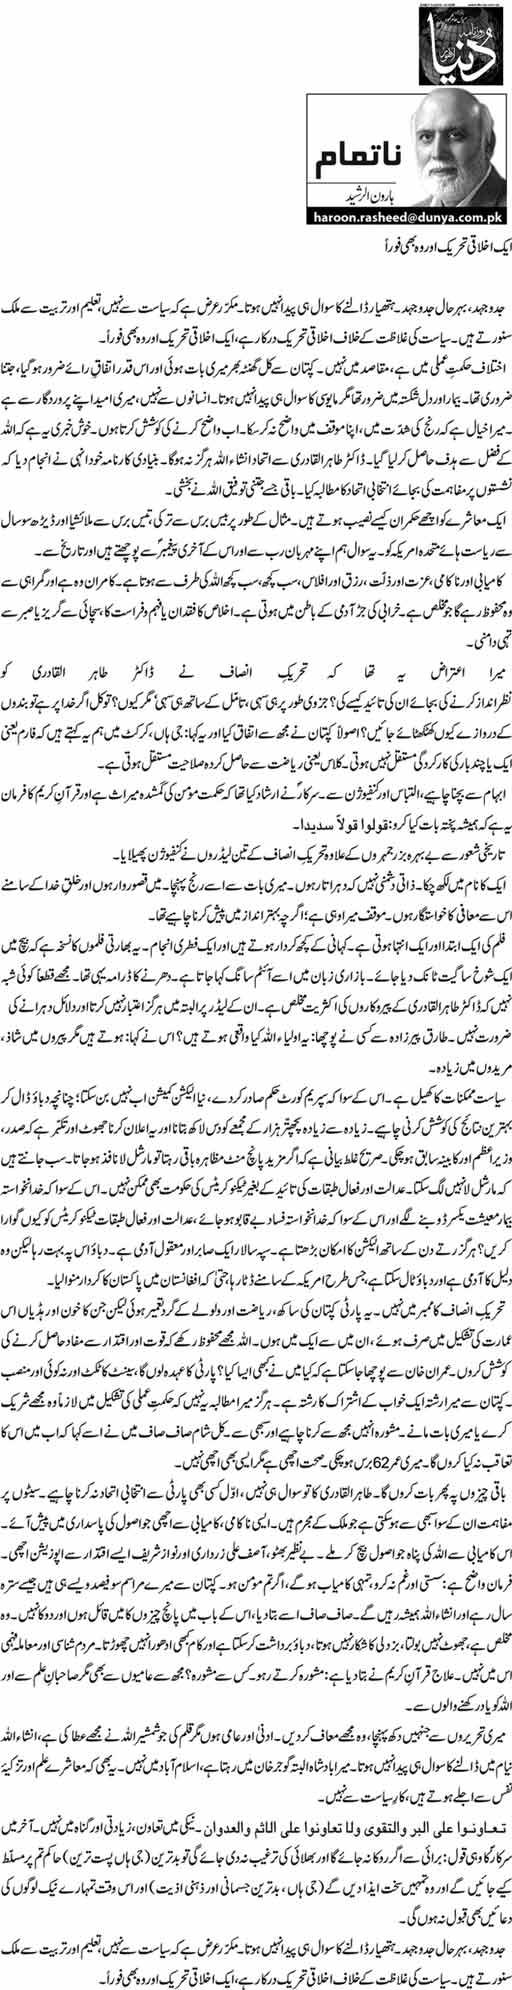 Aik ikhlaki tehreek aur woh bhi fauran - Haroon-ur-Rahseed